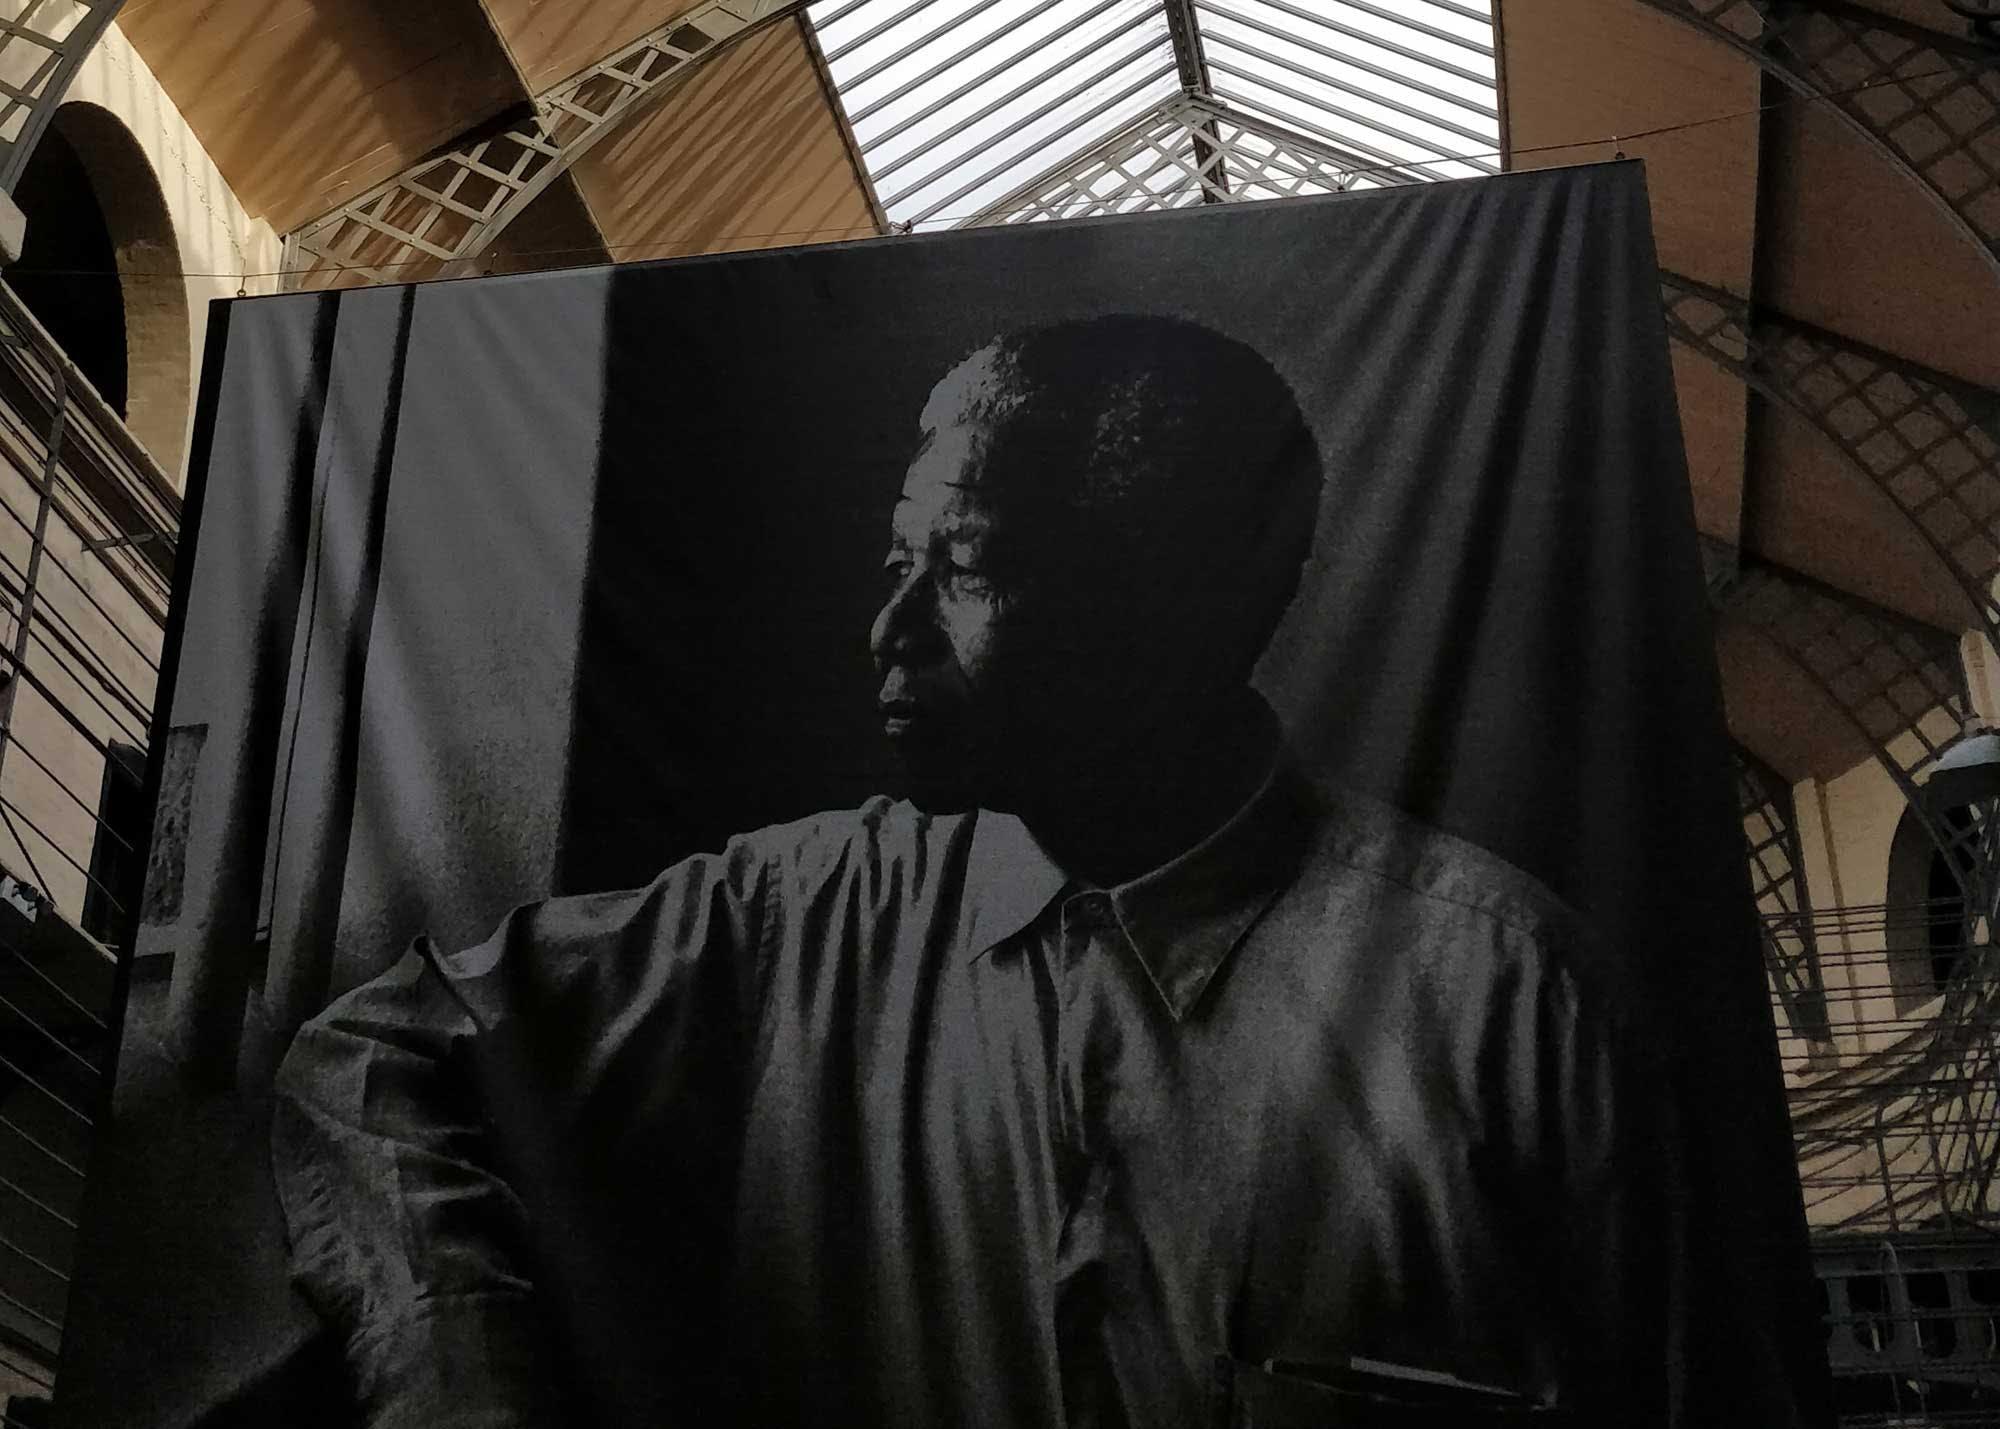 A memorial to Nelson Mandela